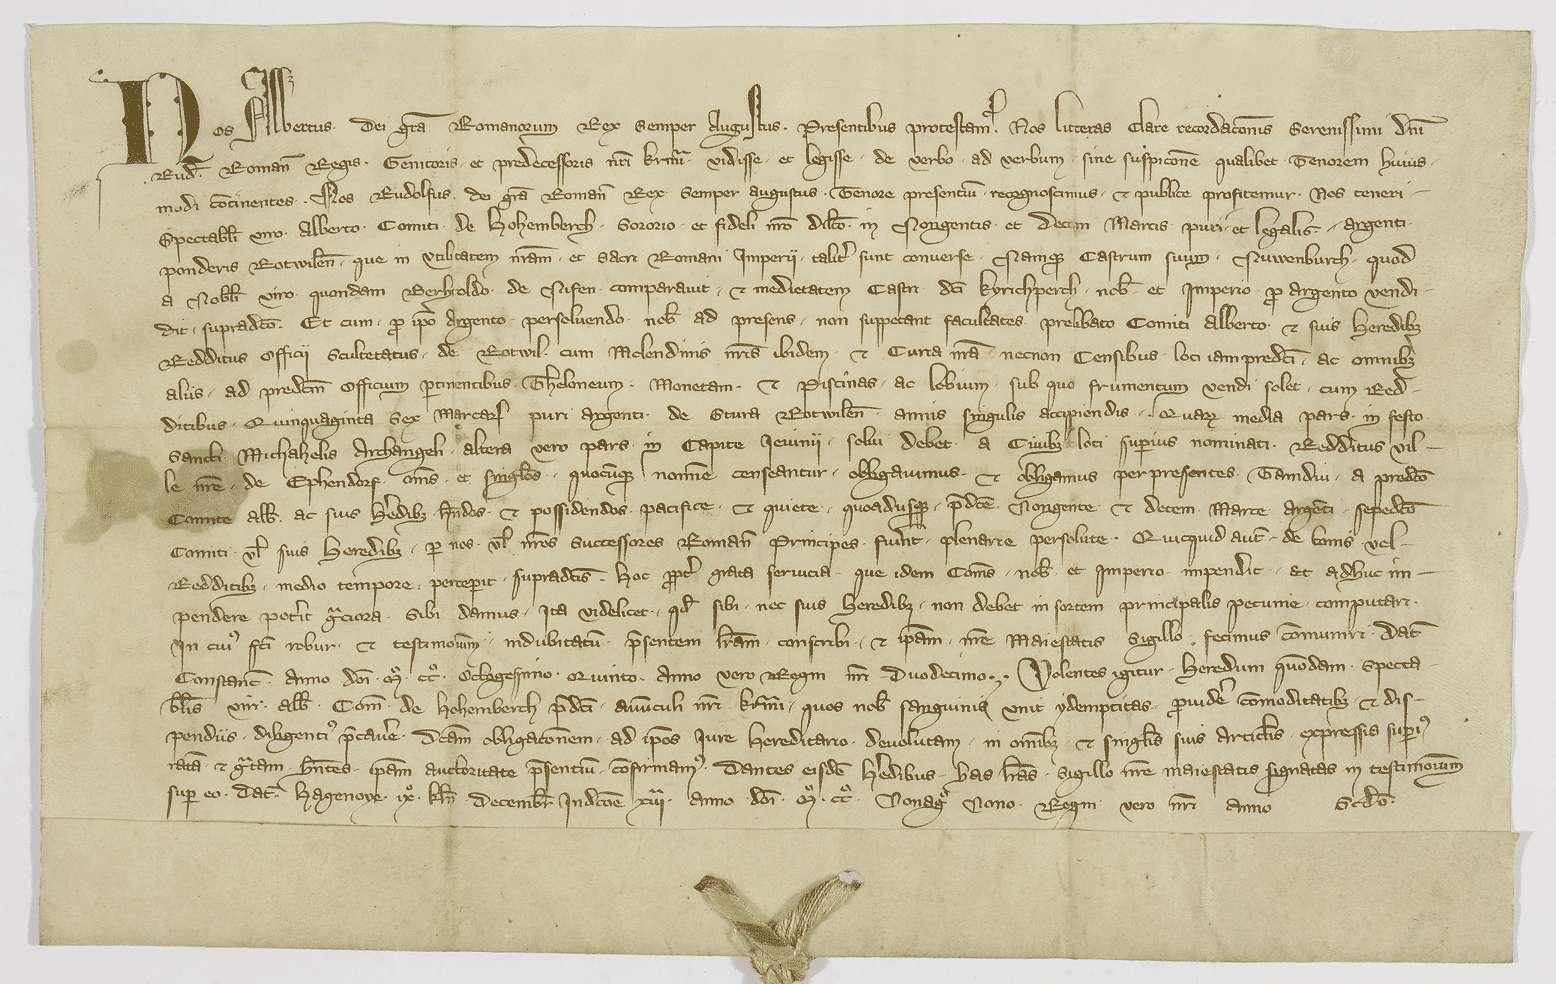 König Albrecht bestätigt den Erben des Grafen Albert von Hohenberg die Verpfändung der Einkünfte in Rottweil nach dem Vorgang König Rudolfs., Bild 1